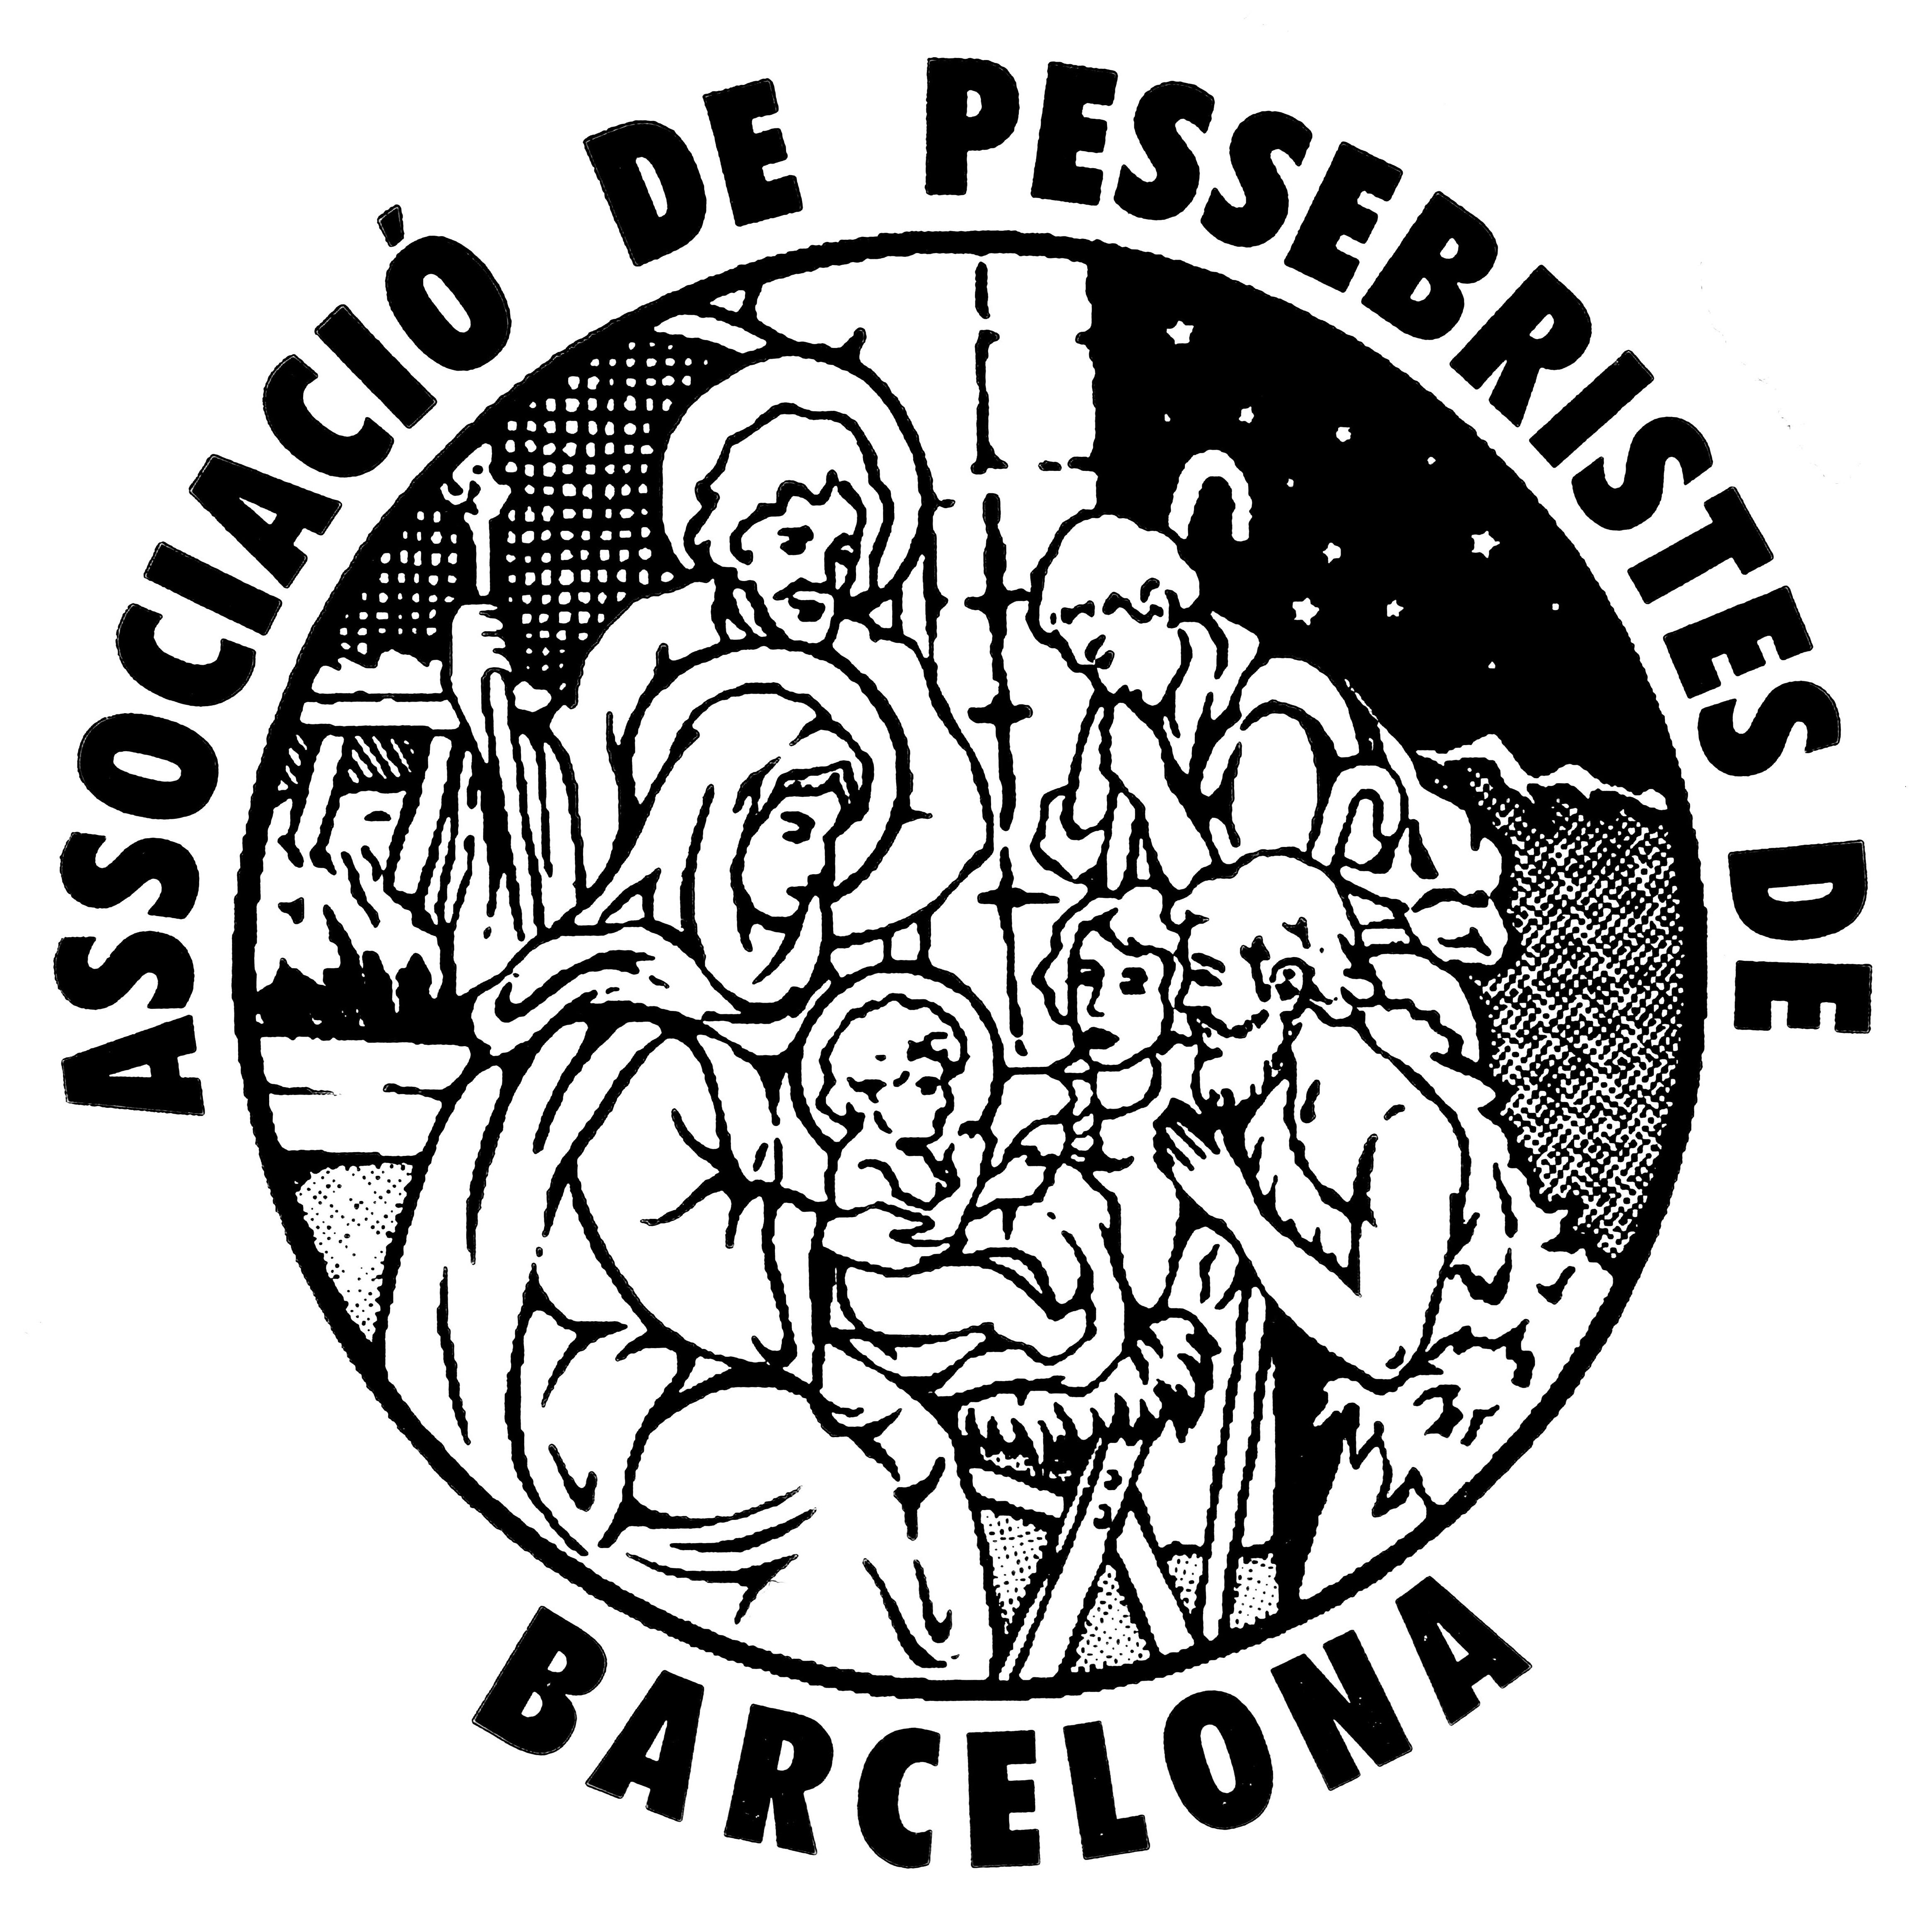 Logo de la Associació de Pessebristes de Barcelona (antiguo, hasta septiembre de 2015)